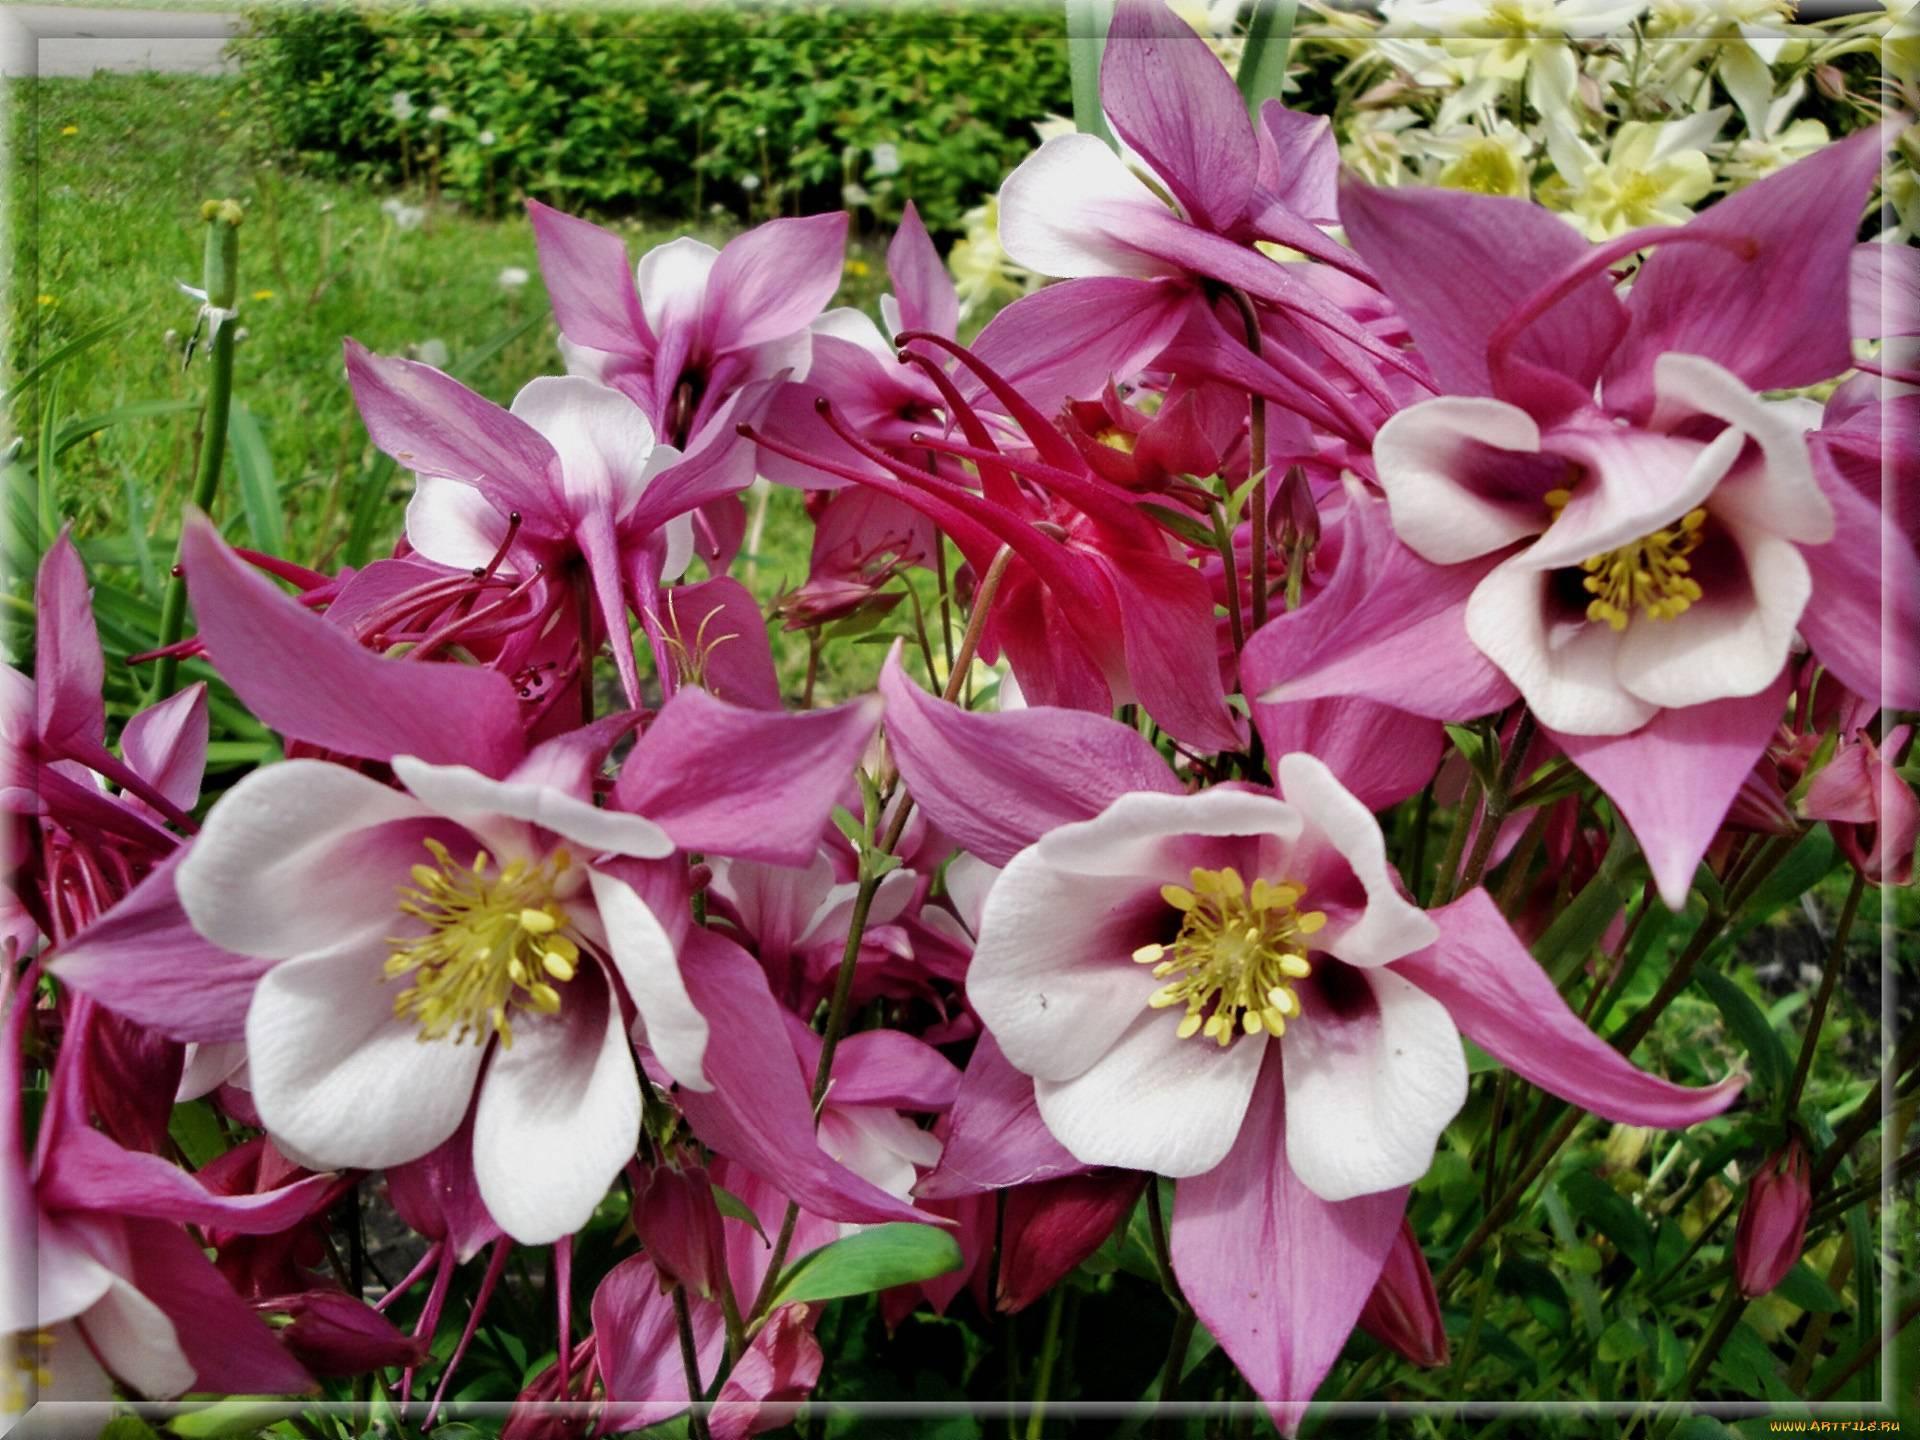 Водосбор или аквилегия: посадка и уход в открытом грунте, фото популярного цветка для выращивания на приусадебных участках и клумбах